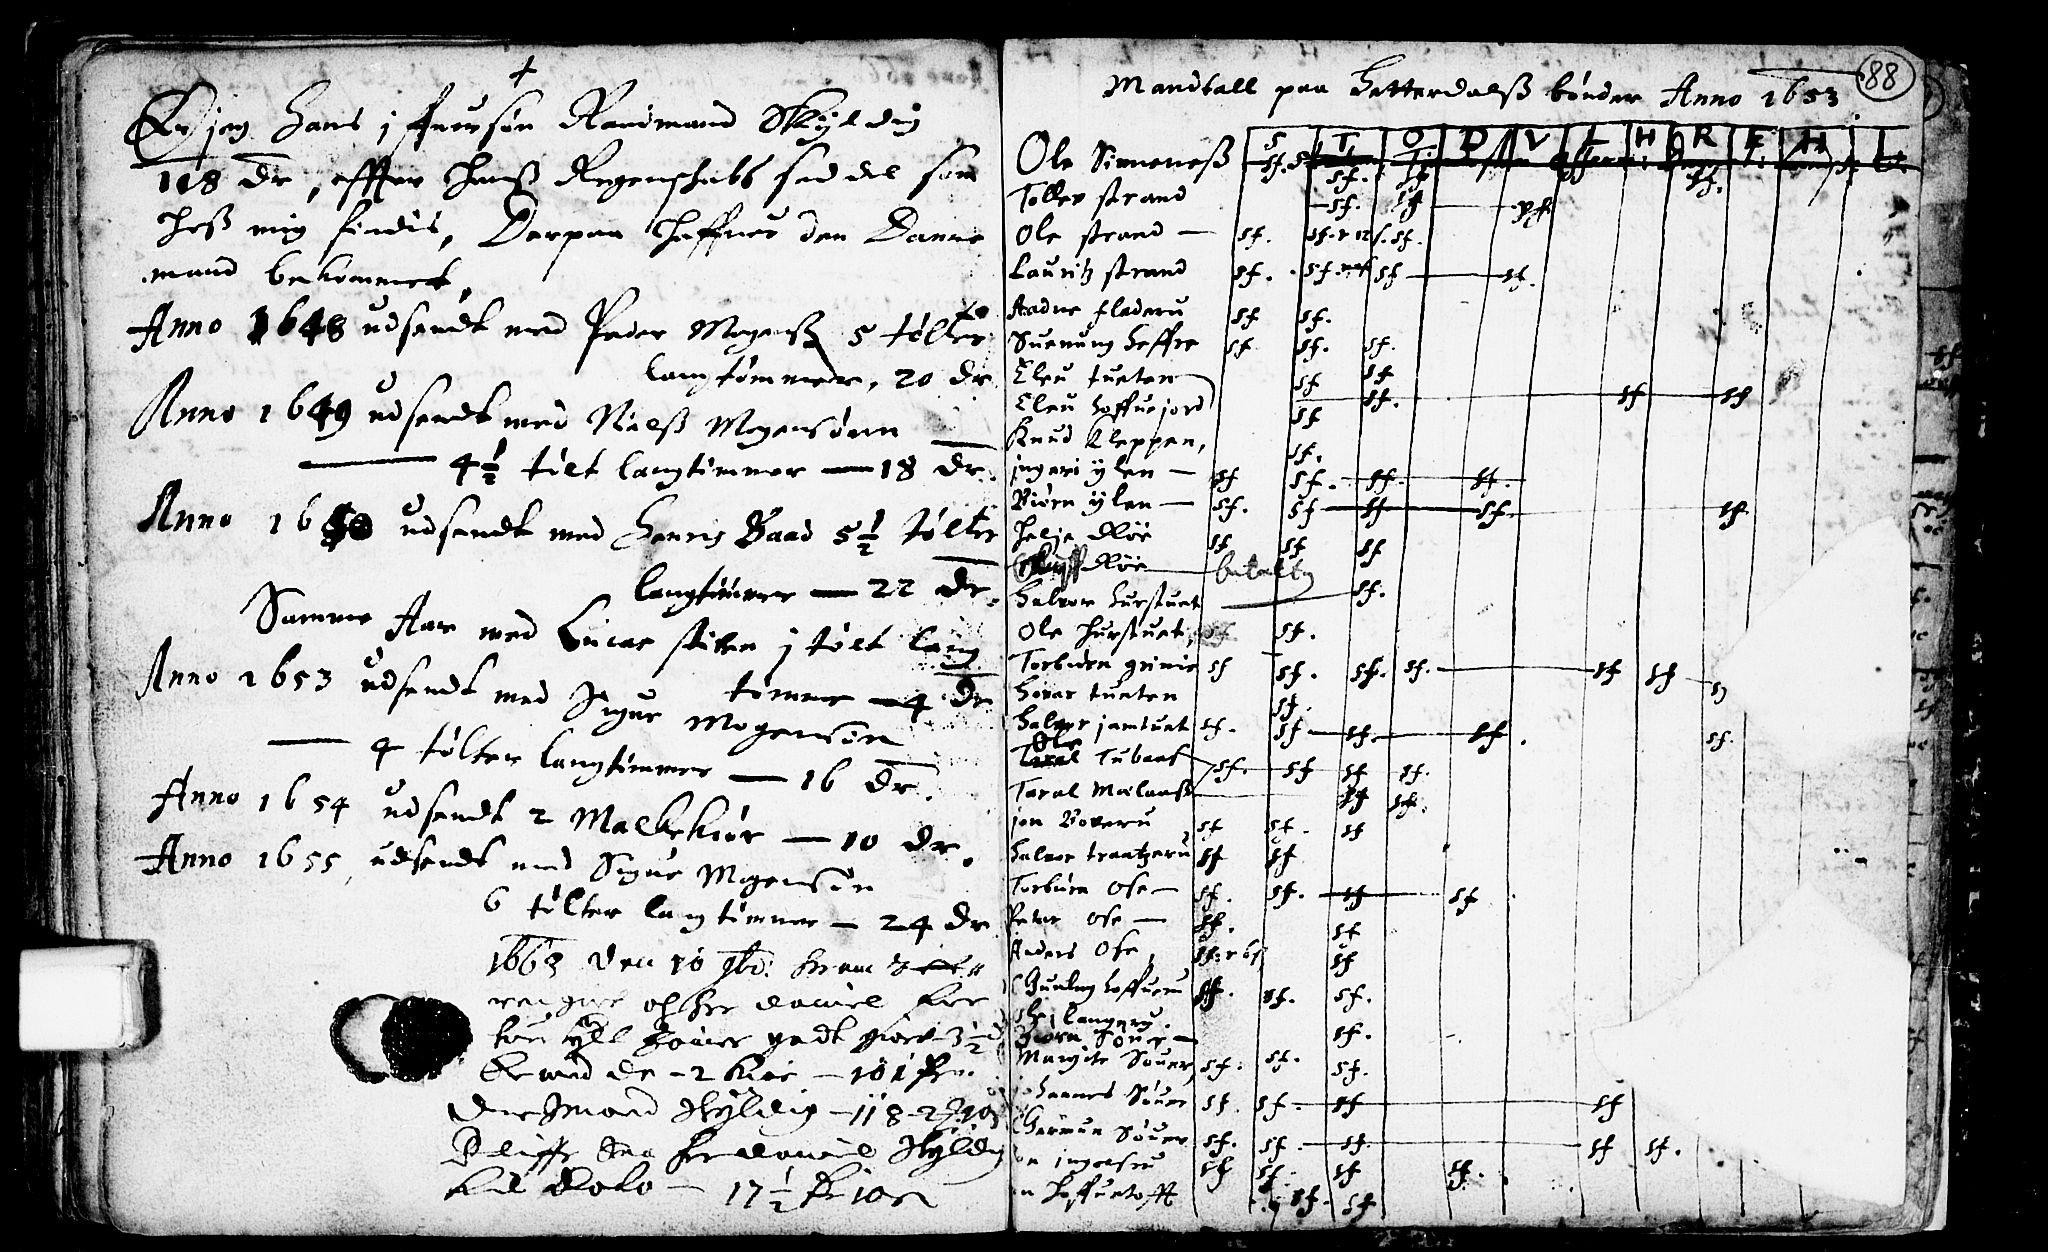 SAKO, Heddal kirkebøker, F/Fa/L0001: Ministerialbok nr. I 1, 1648-1699, s. 88